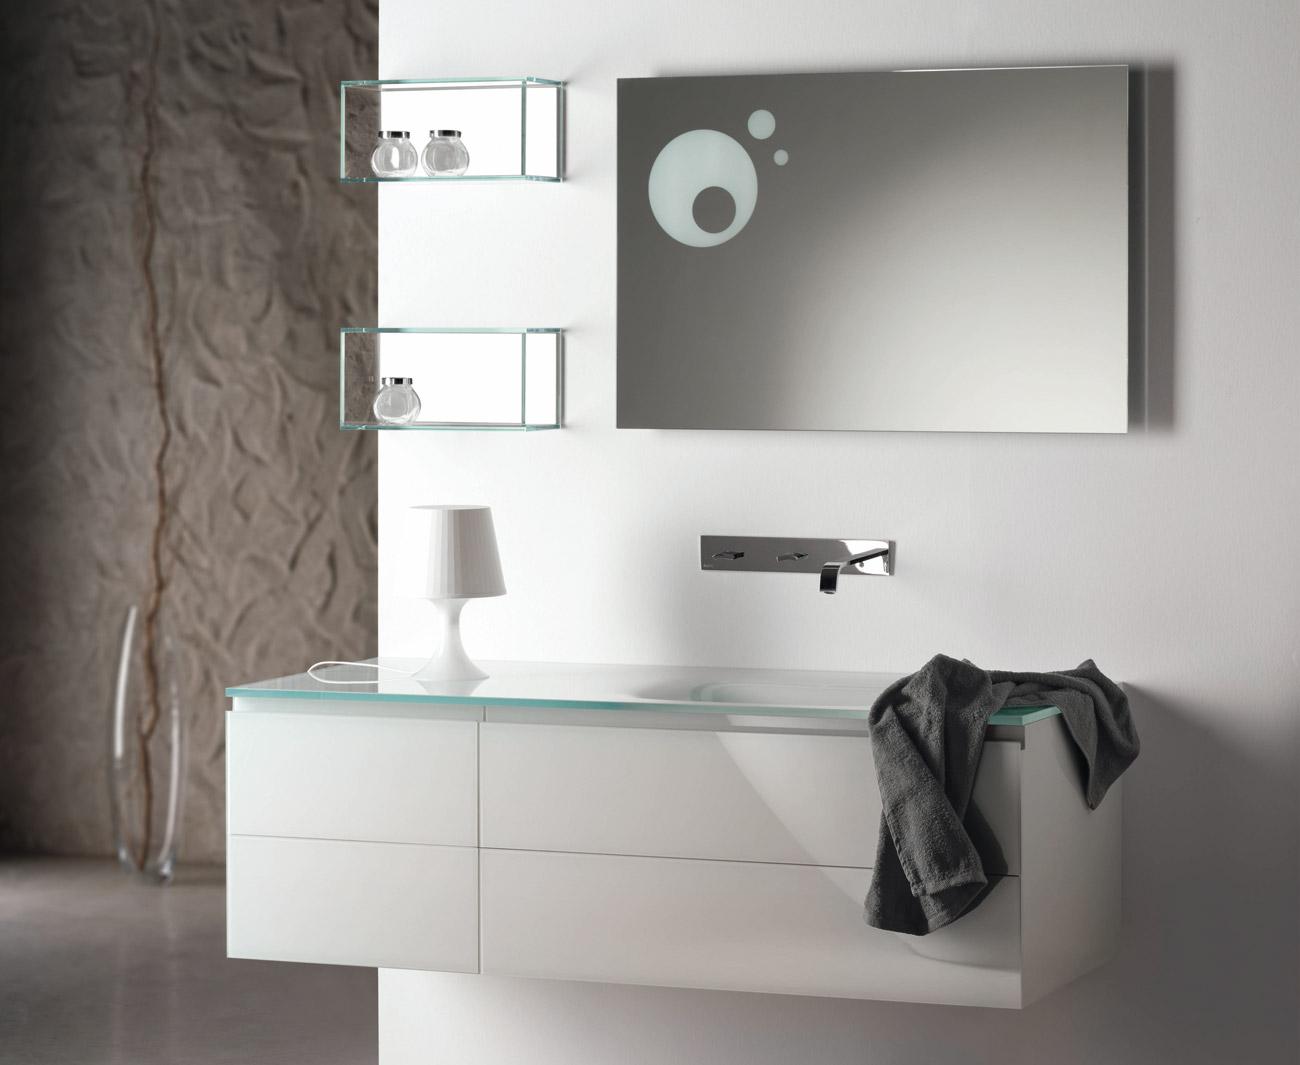 Bagno Design Hotel : Bagno Design Hotel : Composizione AL 232 - Bagno ...